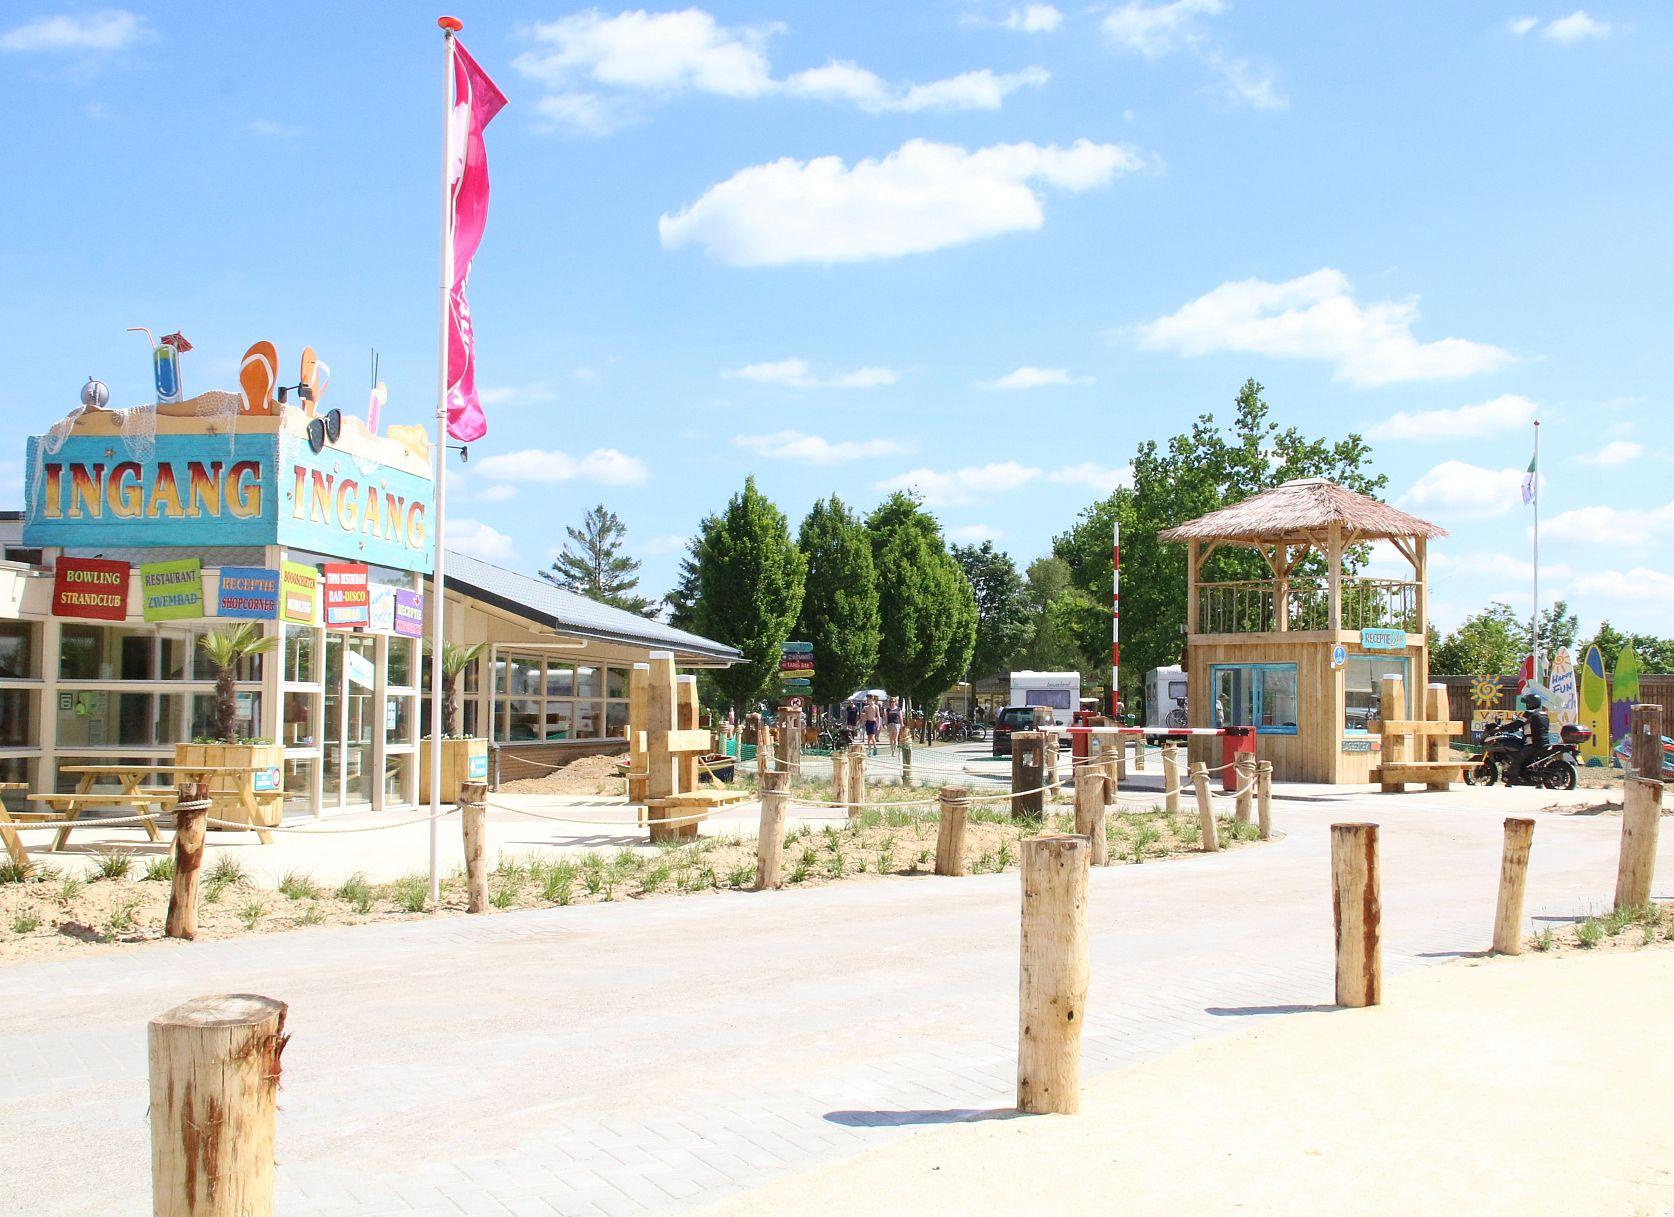 Camping vakantie in Overijssel op Vakantiepark het Stoetenslagh - Camping vakantie in Overijssel